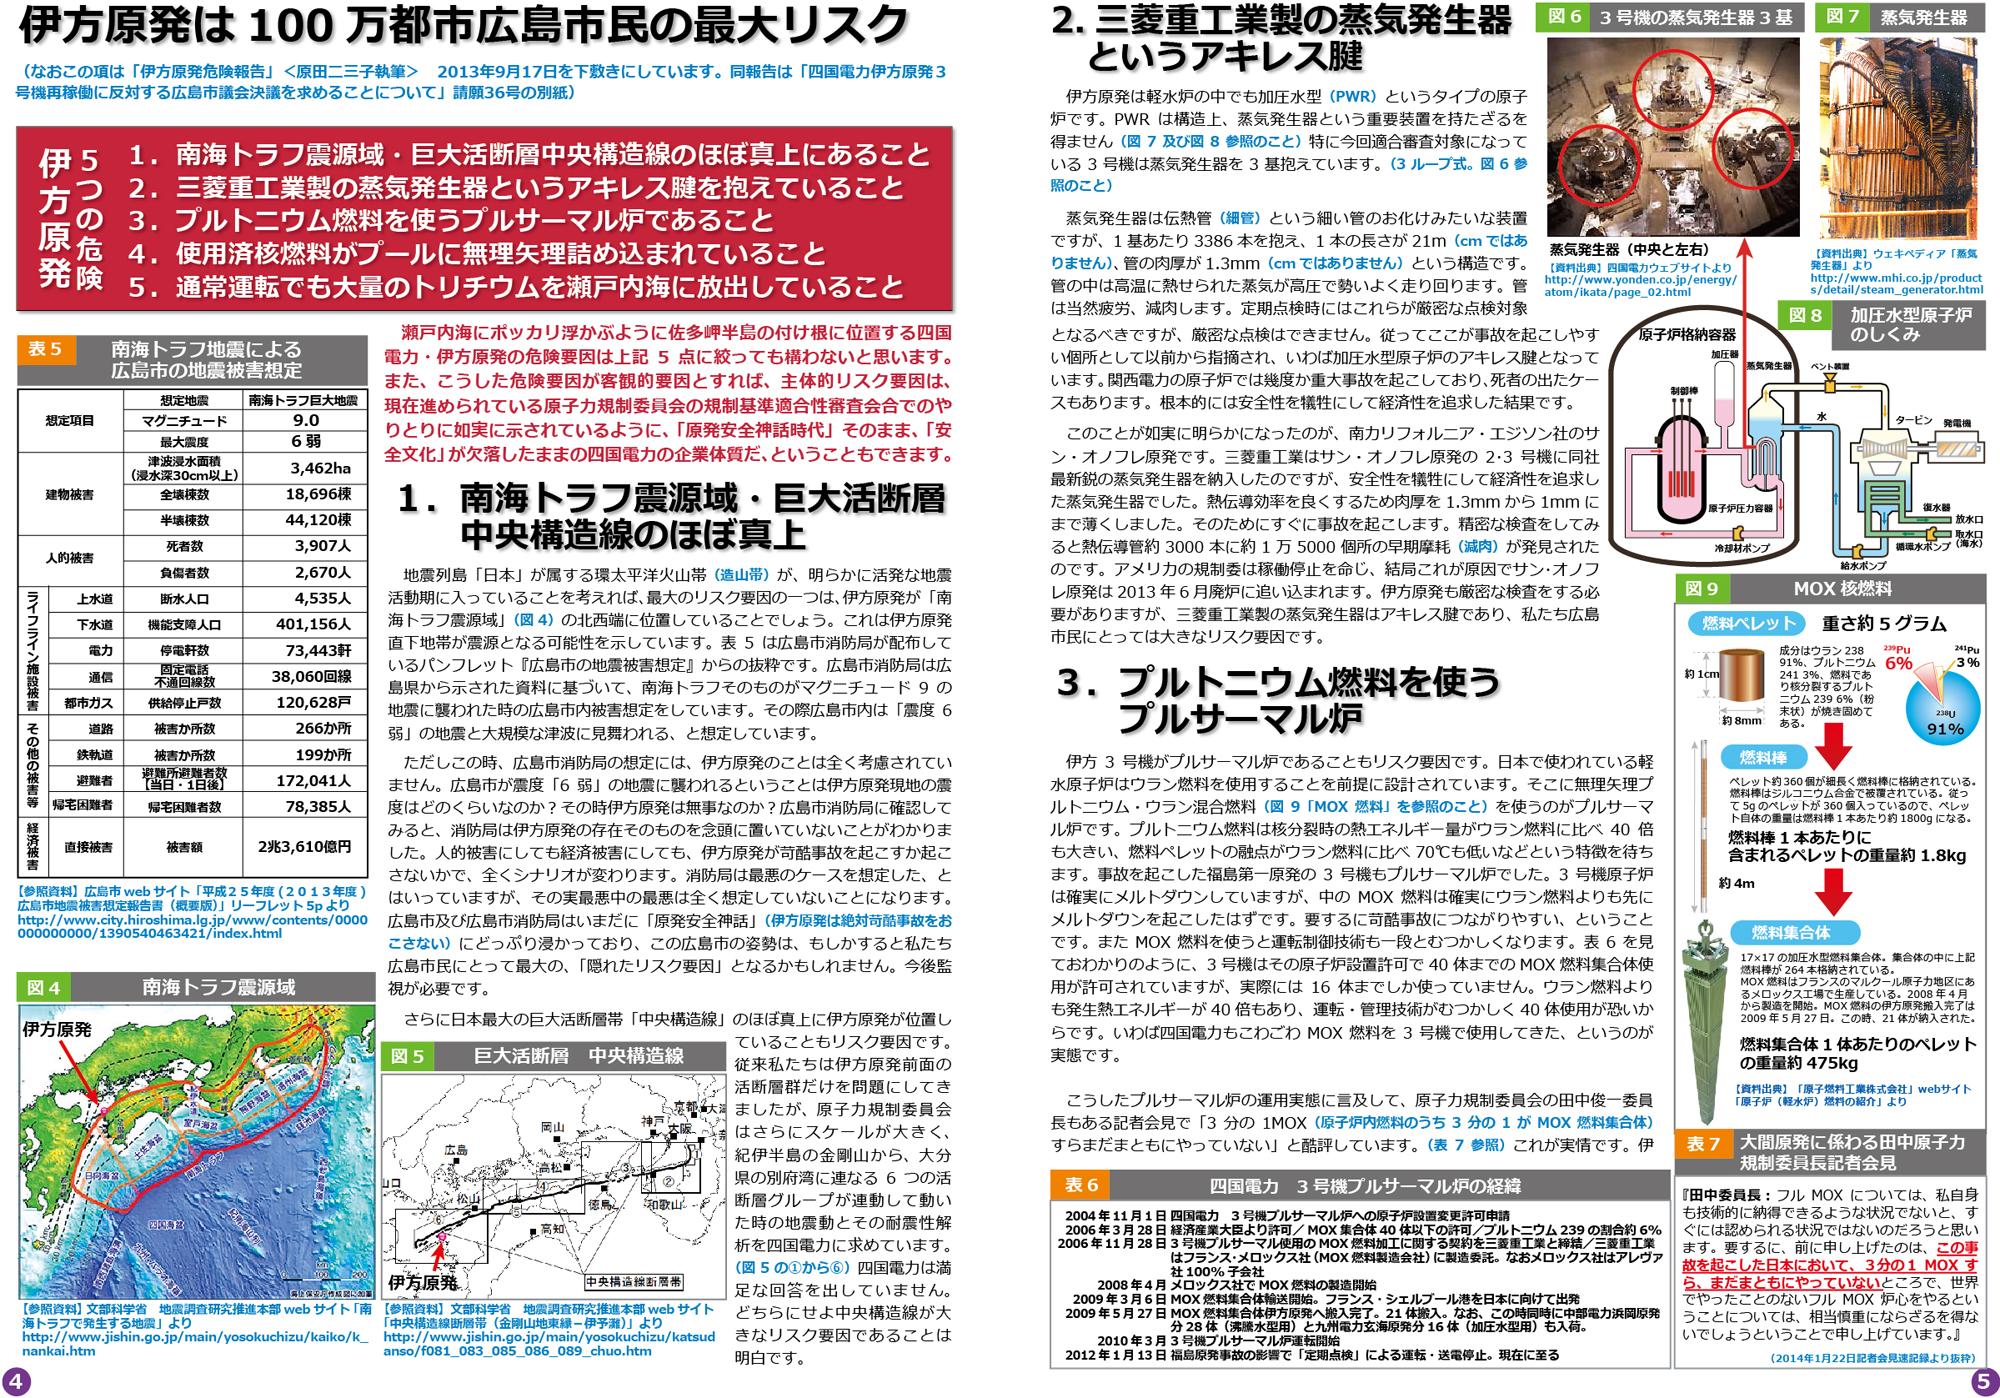 ファイル 286-3.jpg